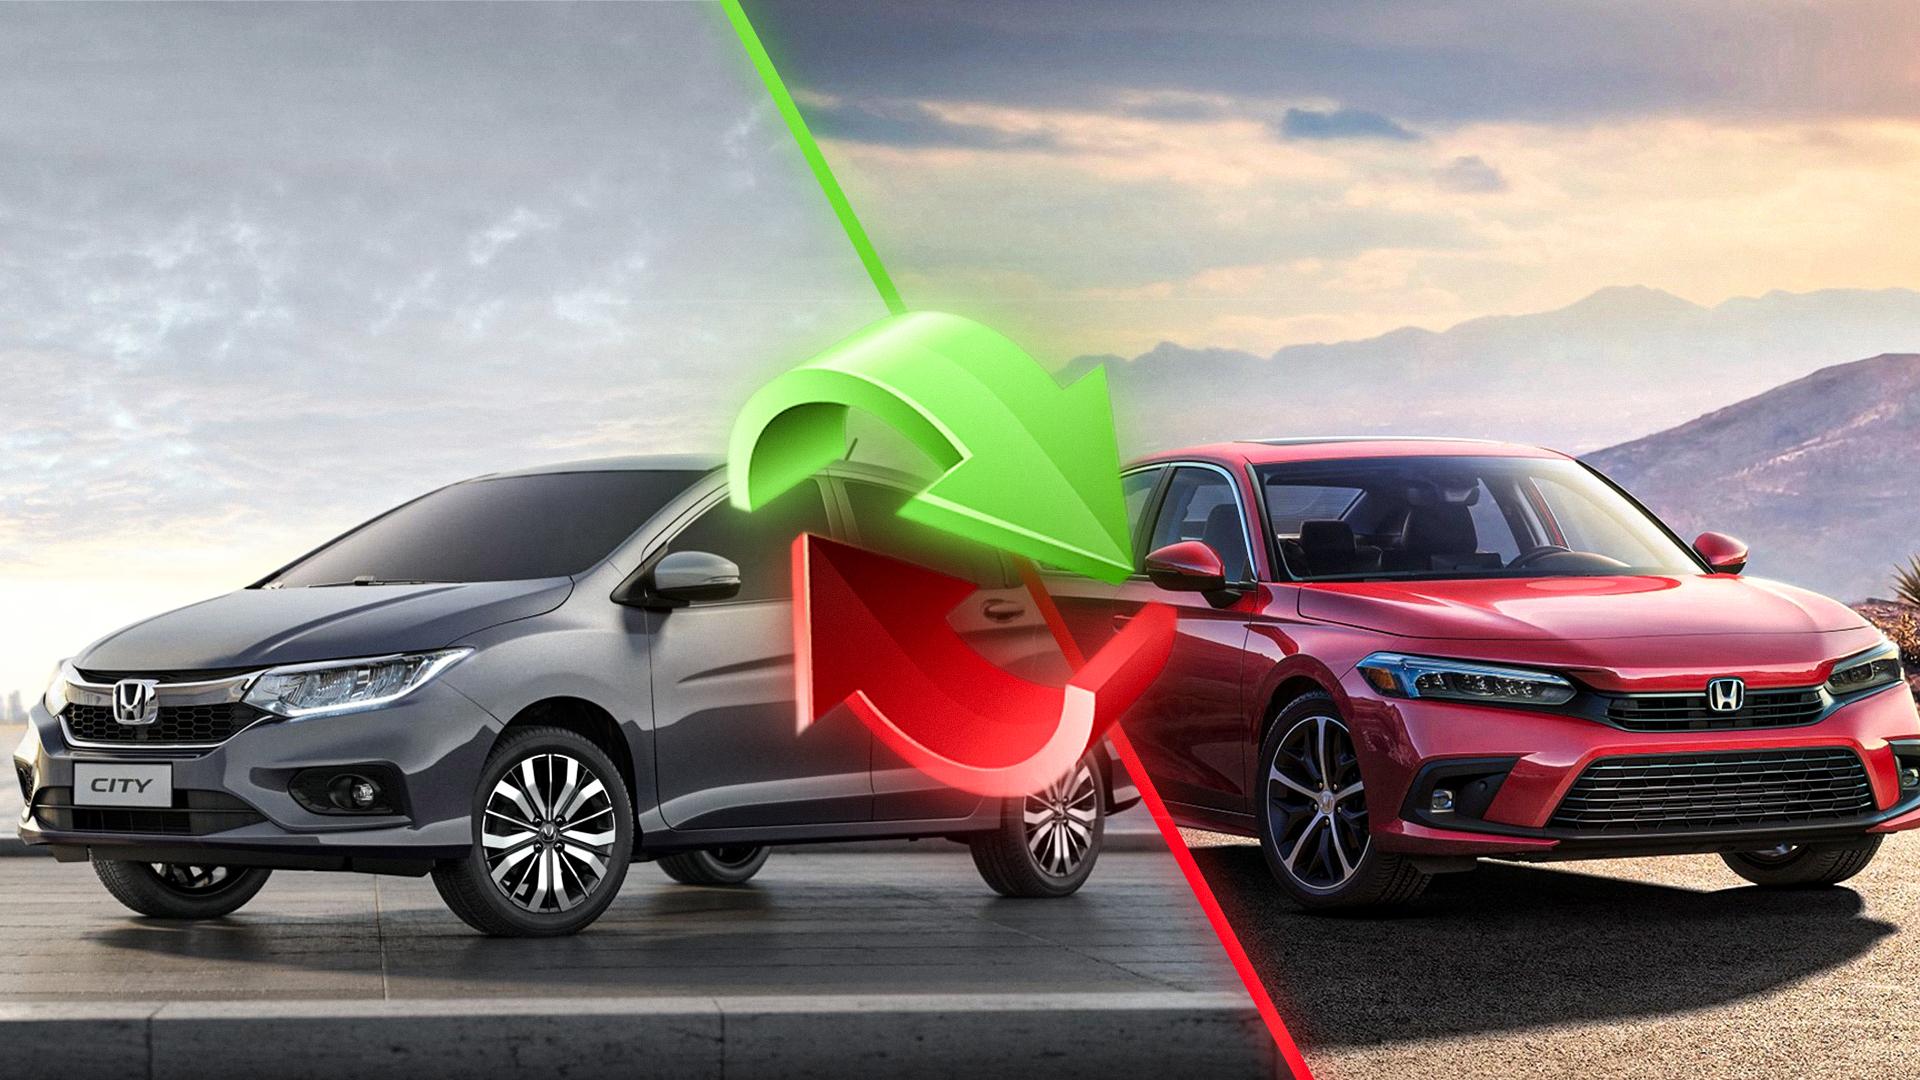 Honda City substitui Civic no mercado de sedã no Brasil